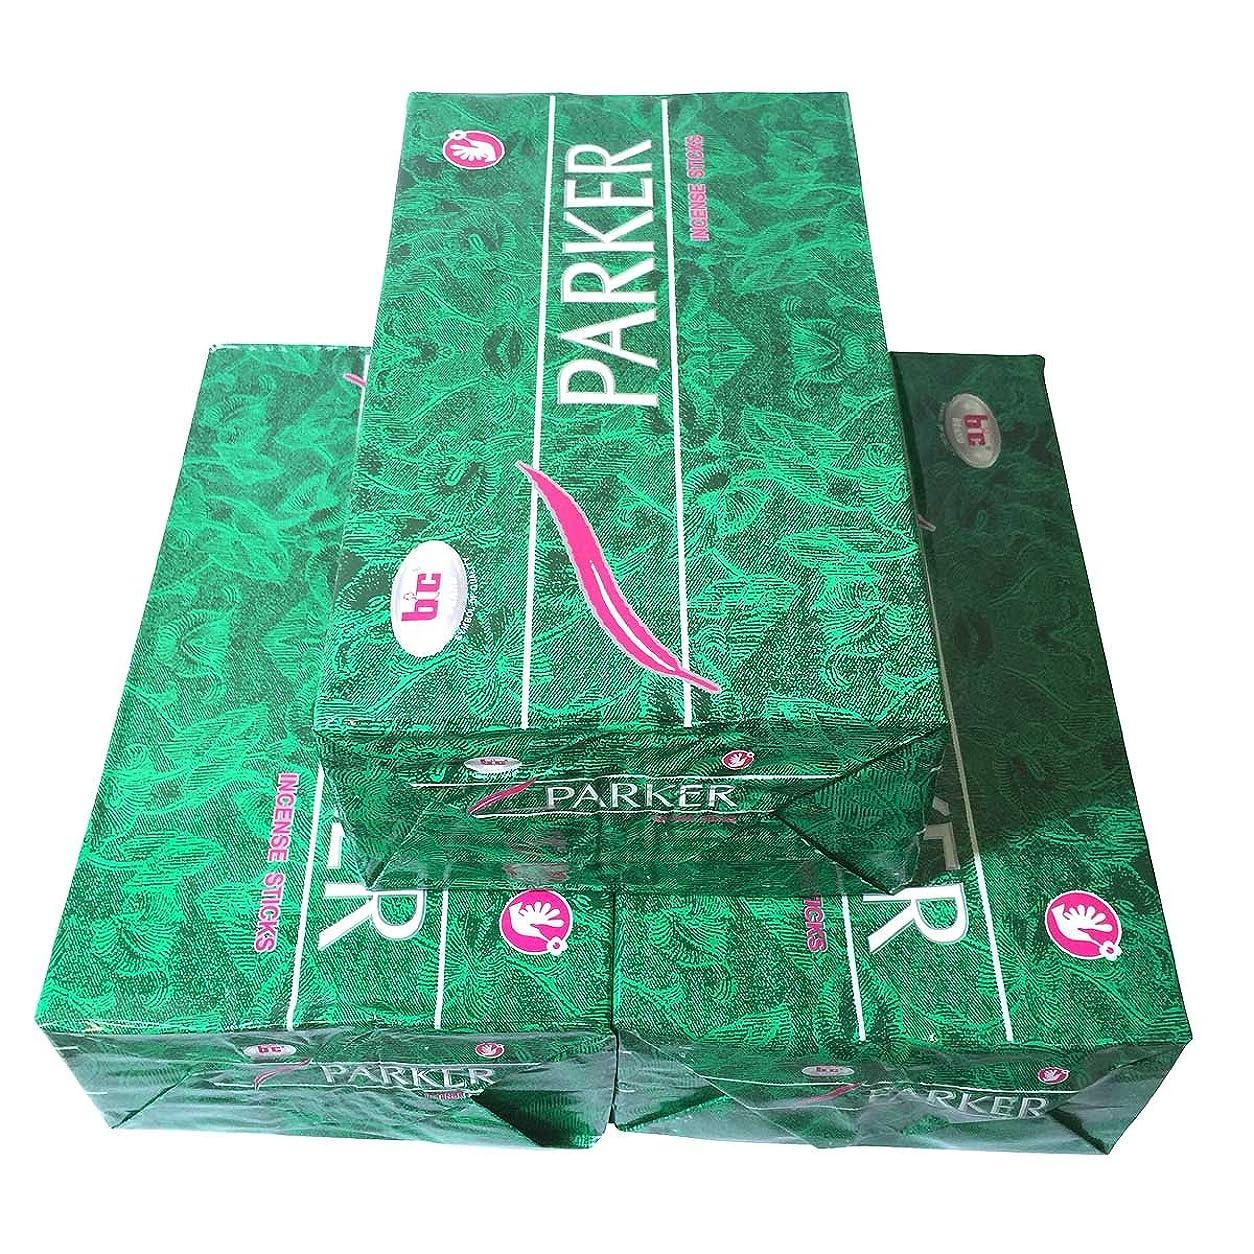 科学見せますクラックパーカー香 3BOX(36箱) 宅配便送料無料/BIC PARKER スティック /インセンス/インド香 お香/アジアン雑貨 [並行輸入品]